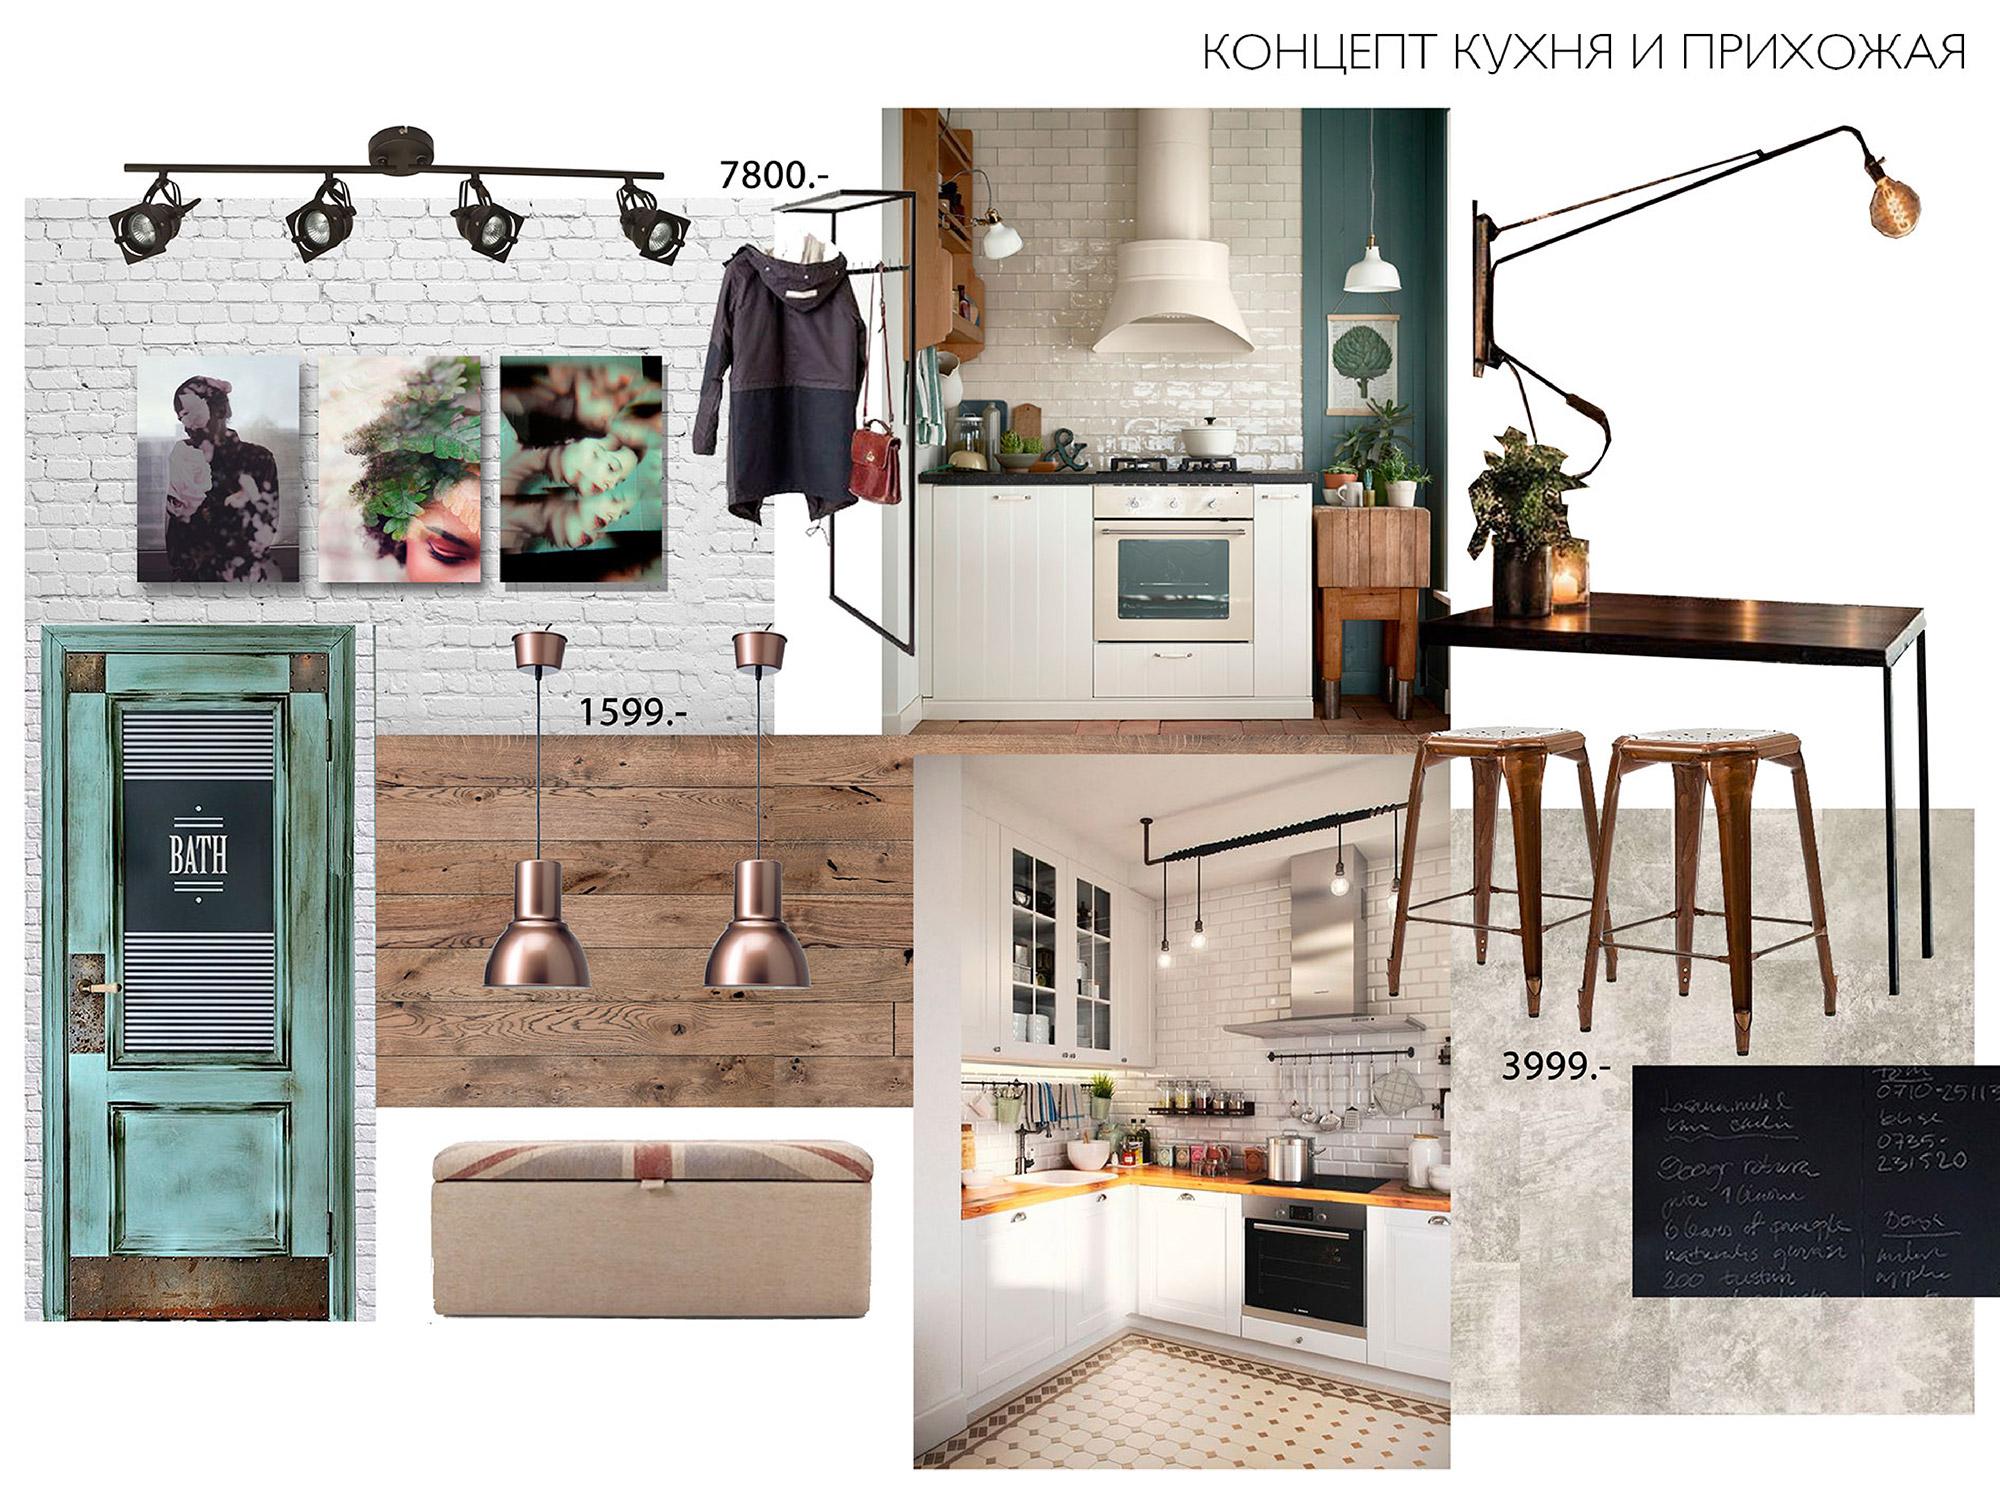 Концепция стиля интерьера вмоей квартире